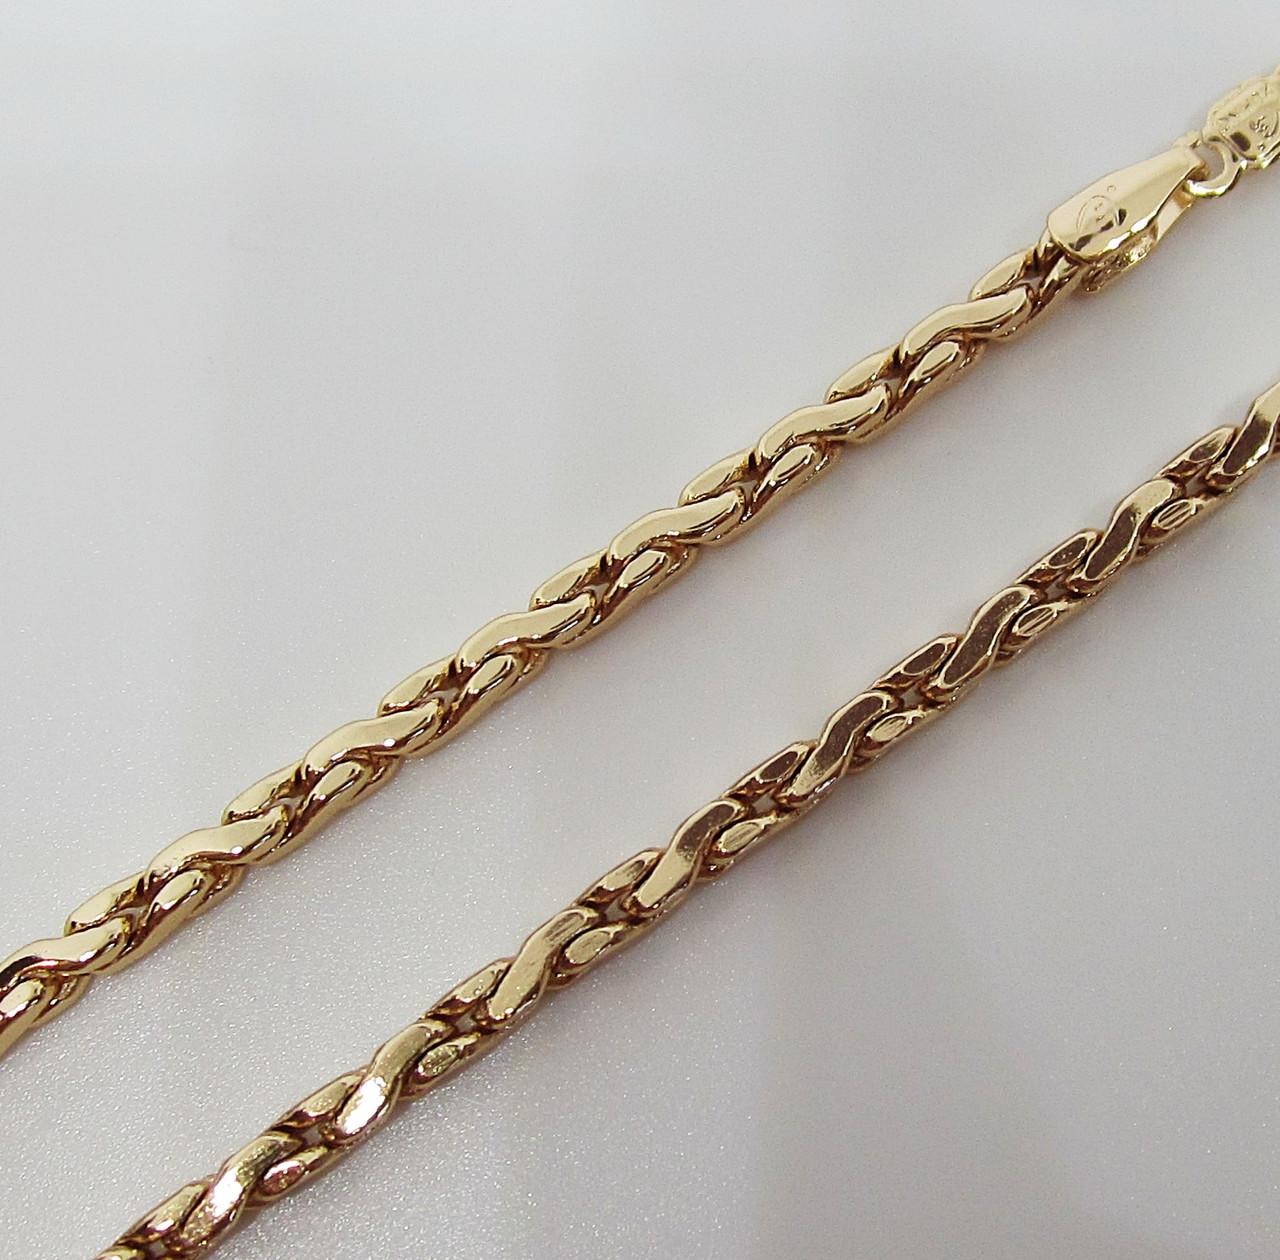 Цепочка плетение Сколоченное 59 см. ширина 3 мм